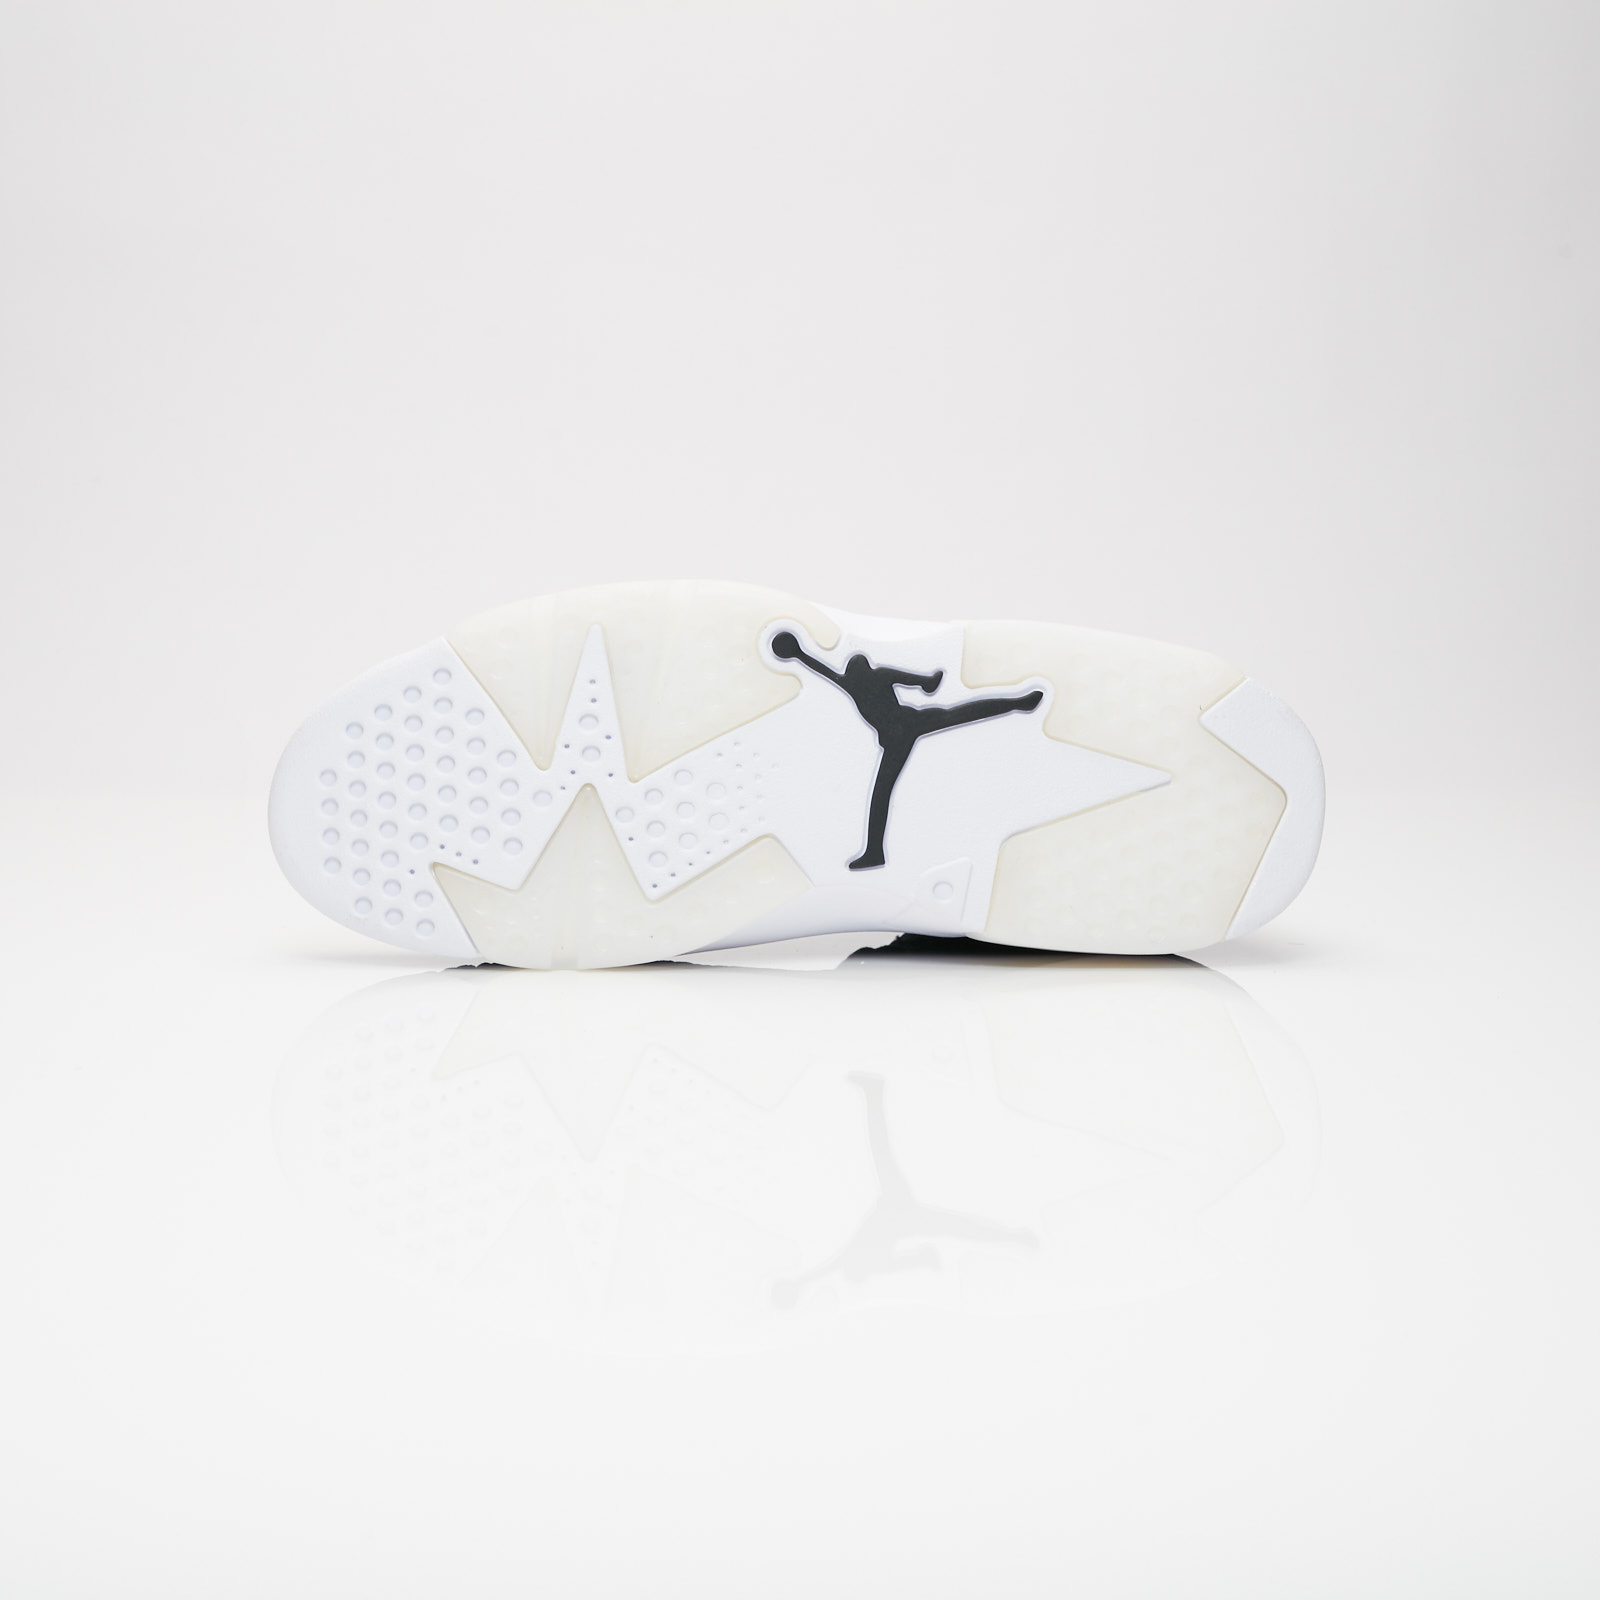 72198cc63ade21 Jordan Brand Flyknit Elevation 23 - Aj8207-023 - Sneakersnstuff ...